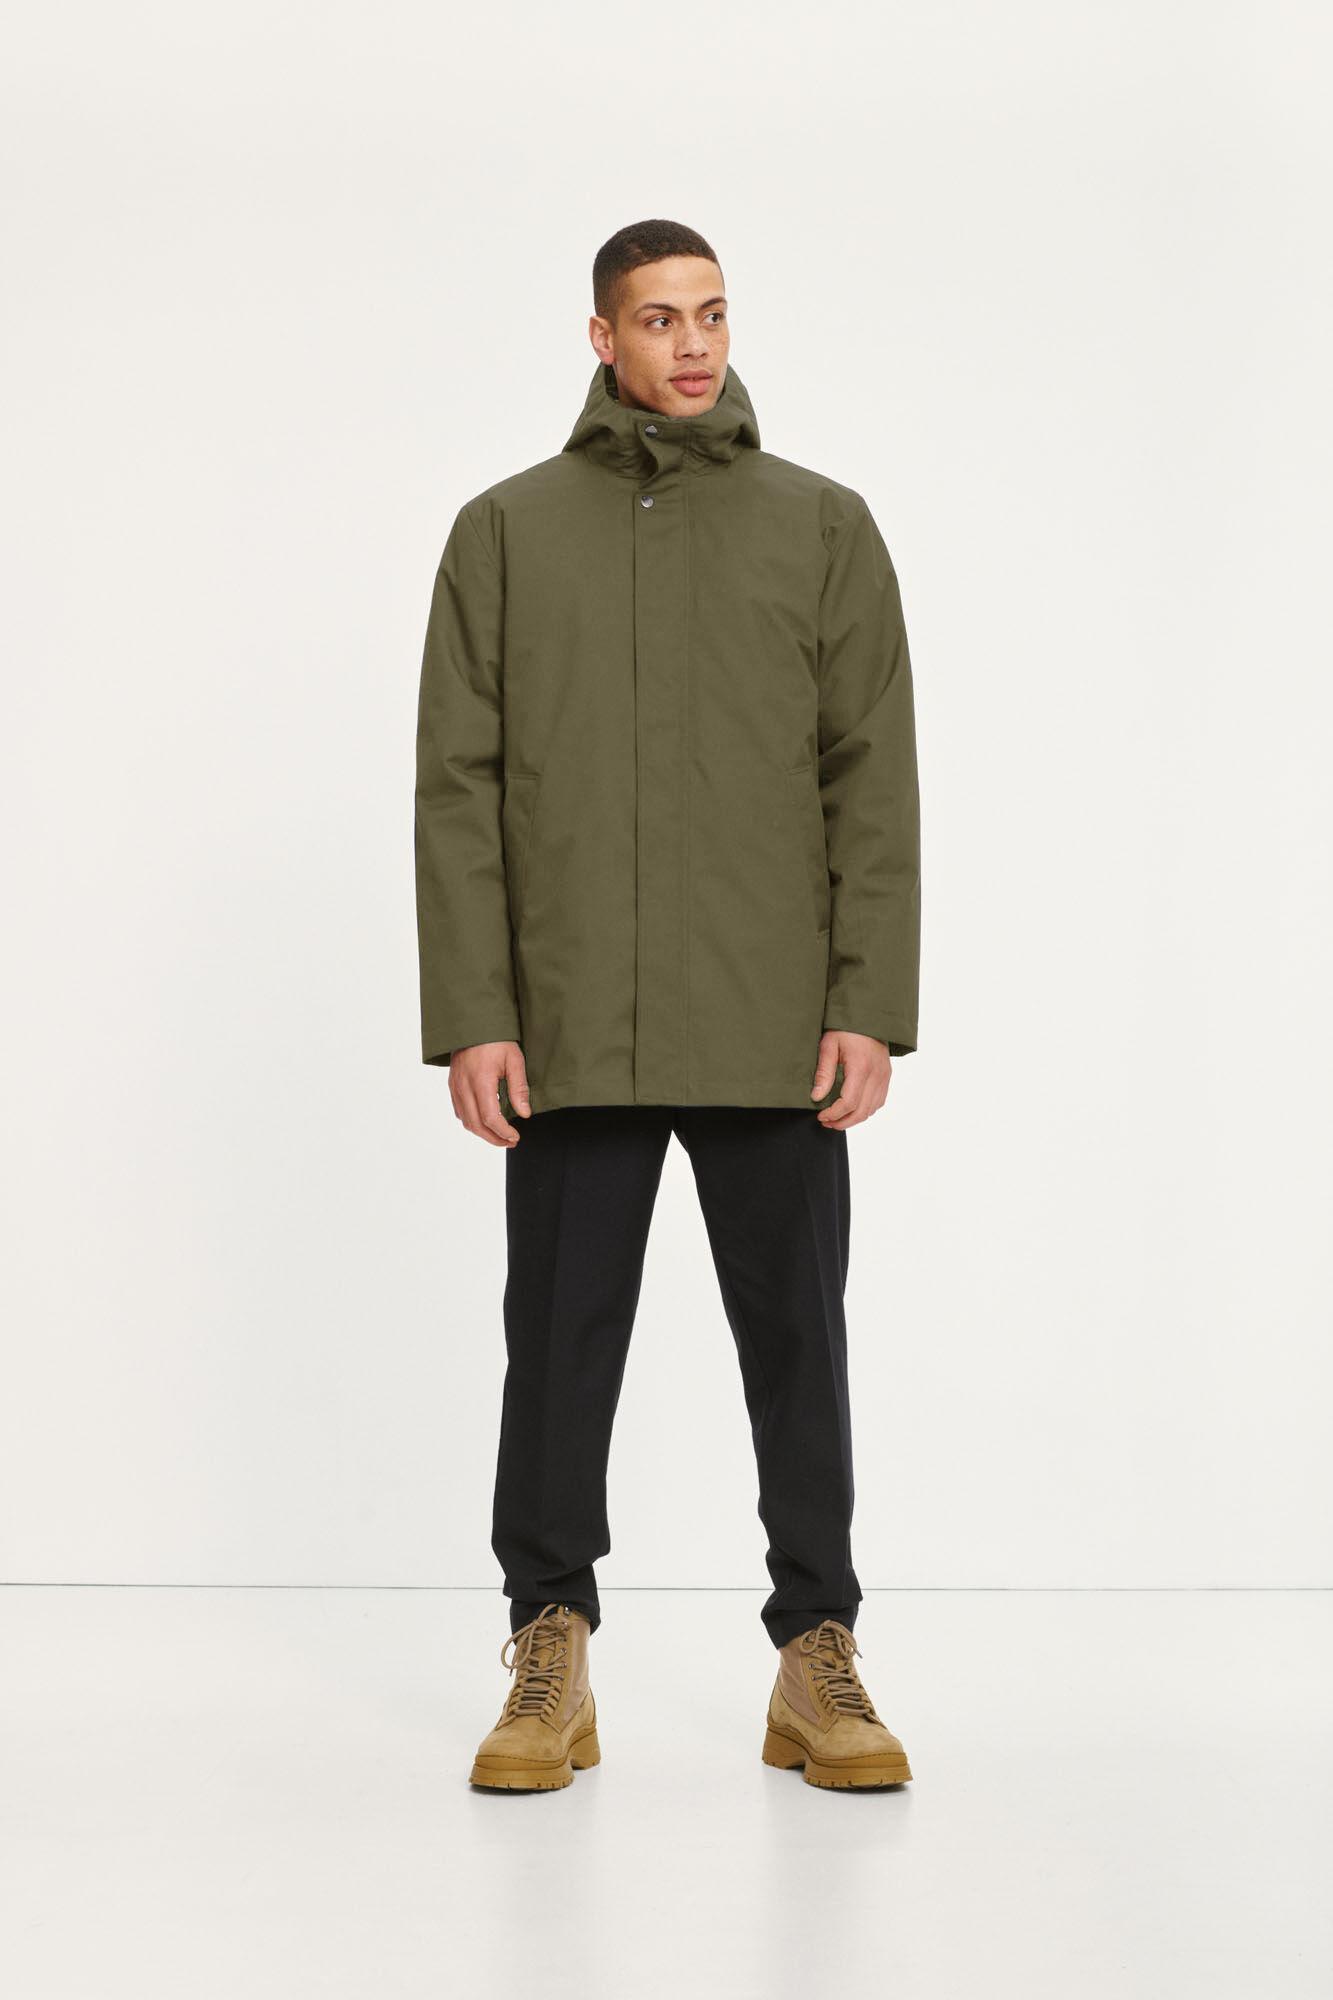 Misam 3 Layer Winter Jacket Green 11234-1